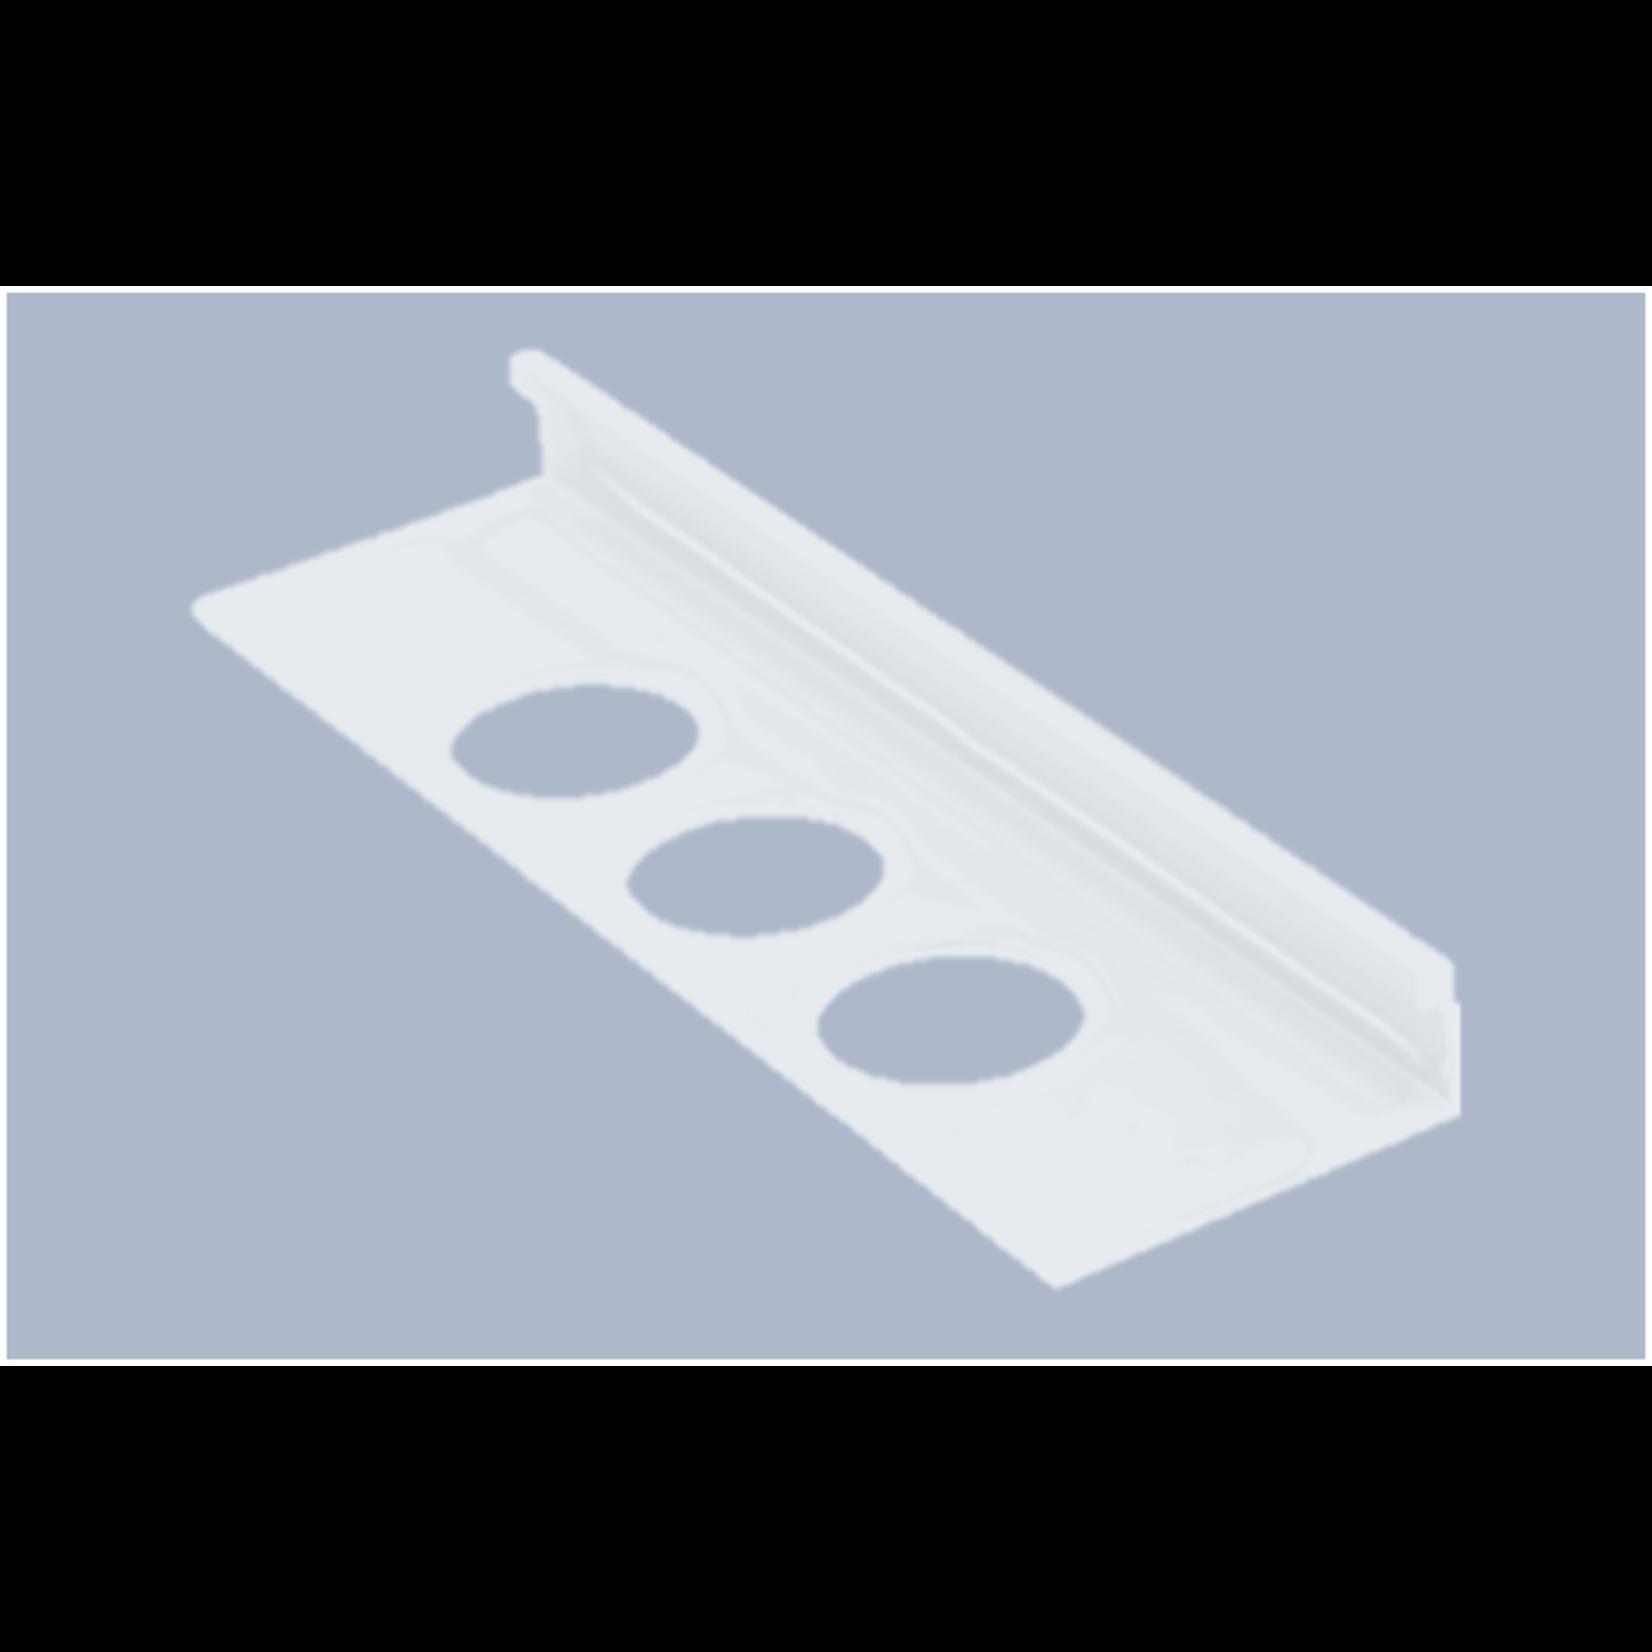 Moulure de céramique 3/8''(10mm) Blanche OL